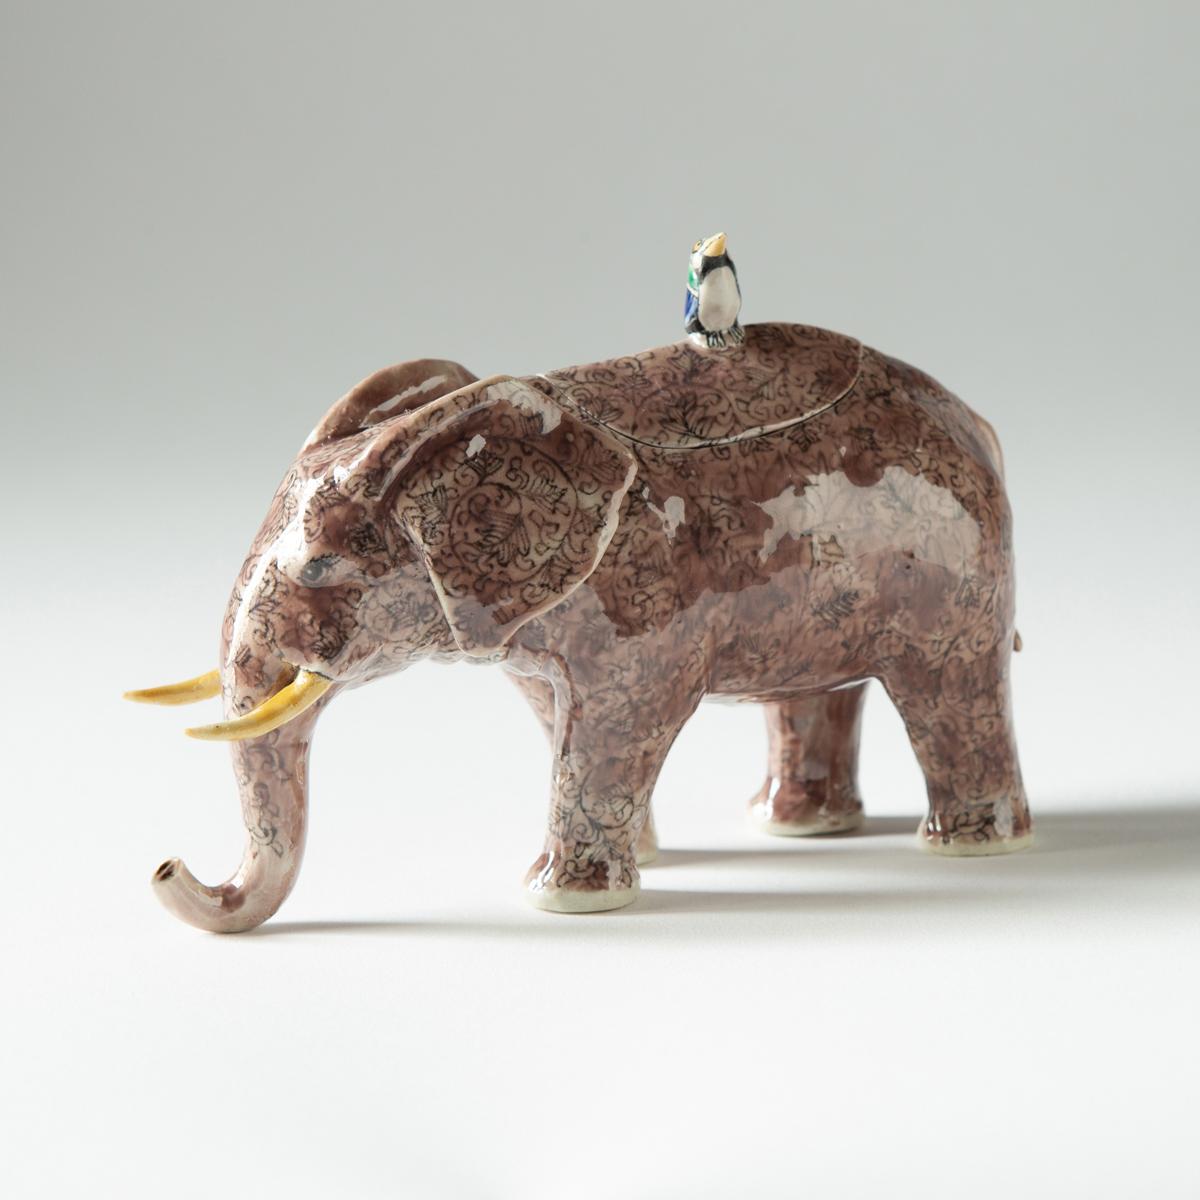 Elephant (Kensuke Fujiyoshi)